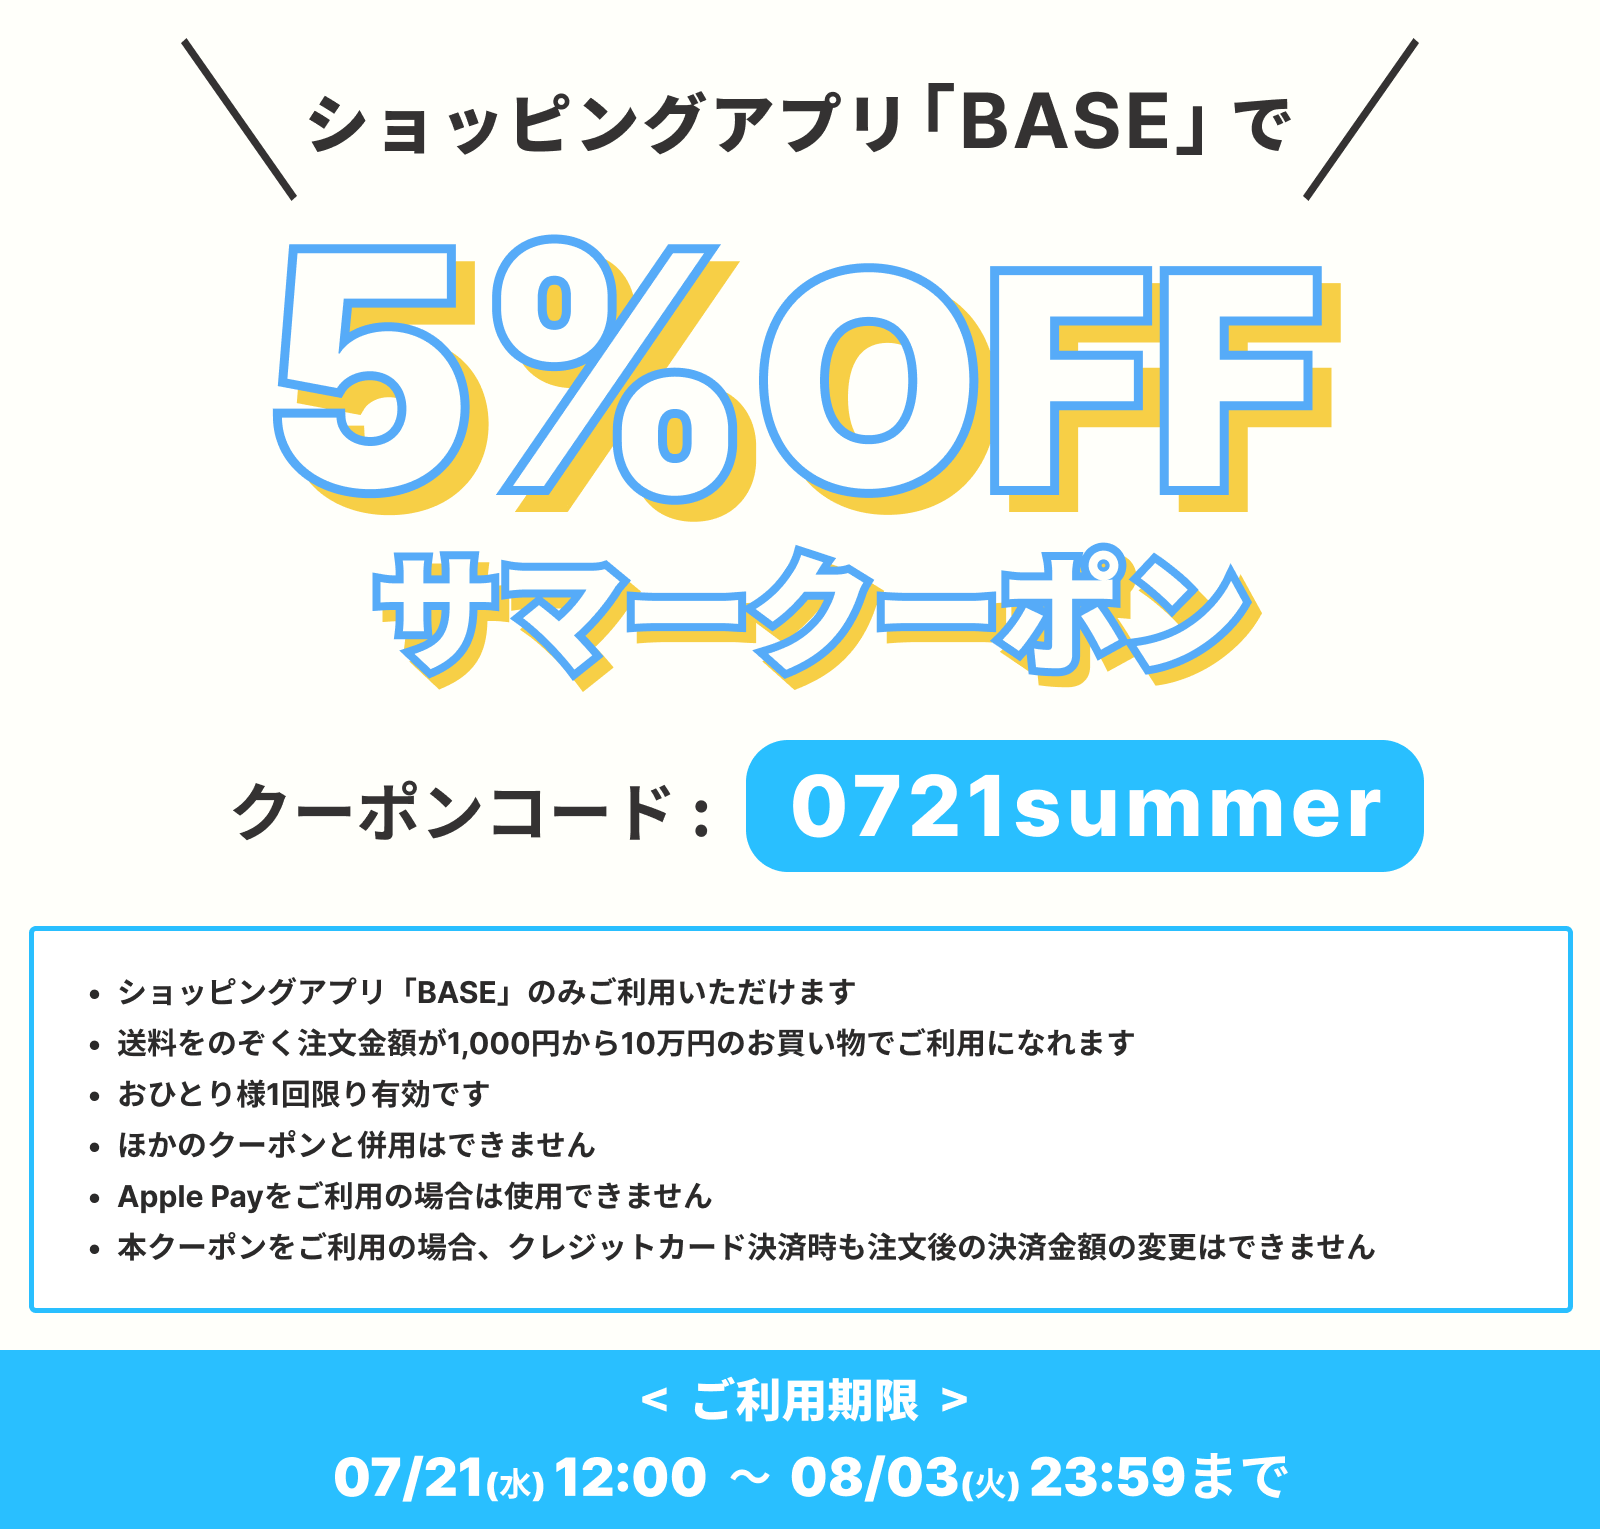 【7/21~8/3 期間限定!】 「BASE」アプリにて使用できる!5%OFFサマークーポン発行